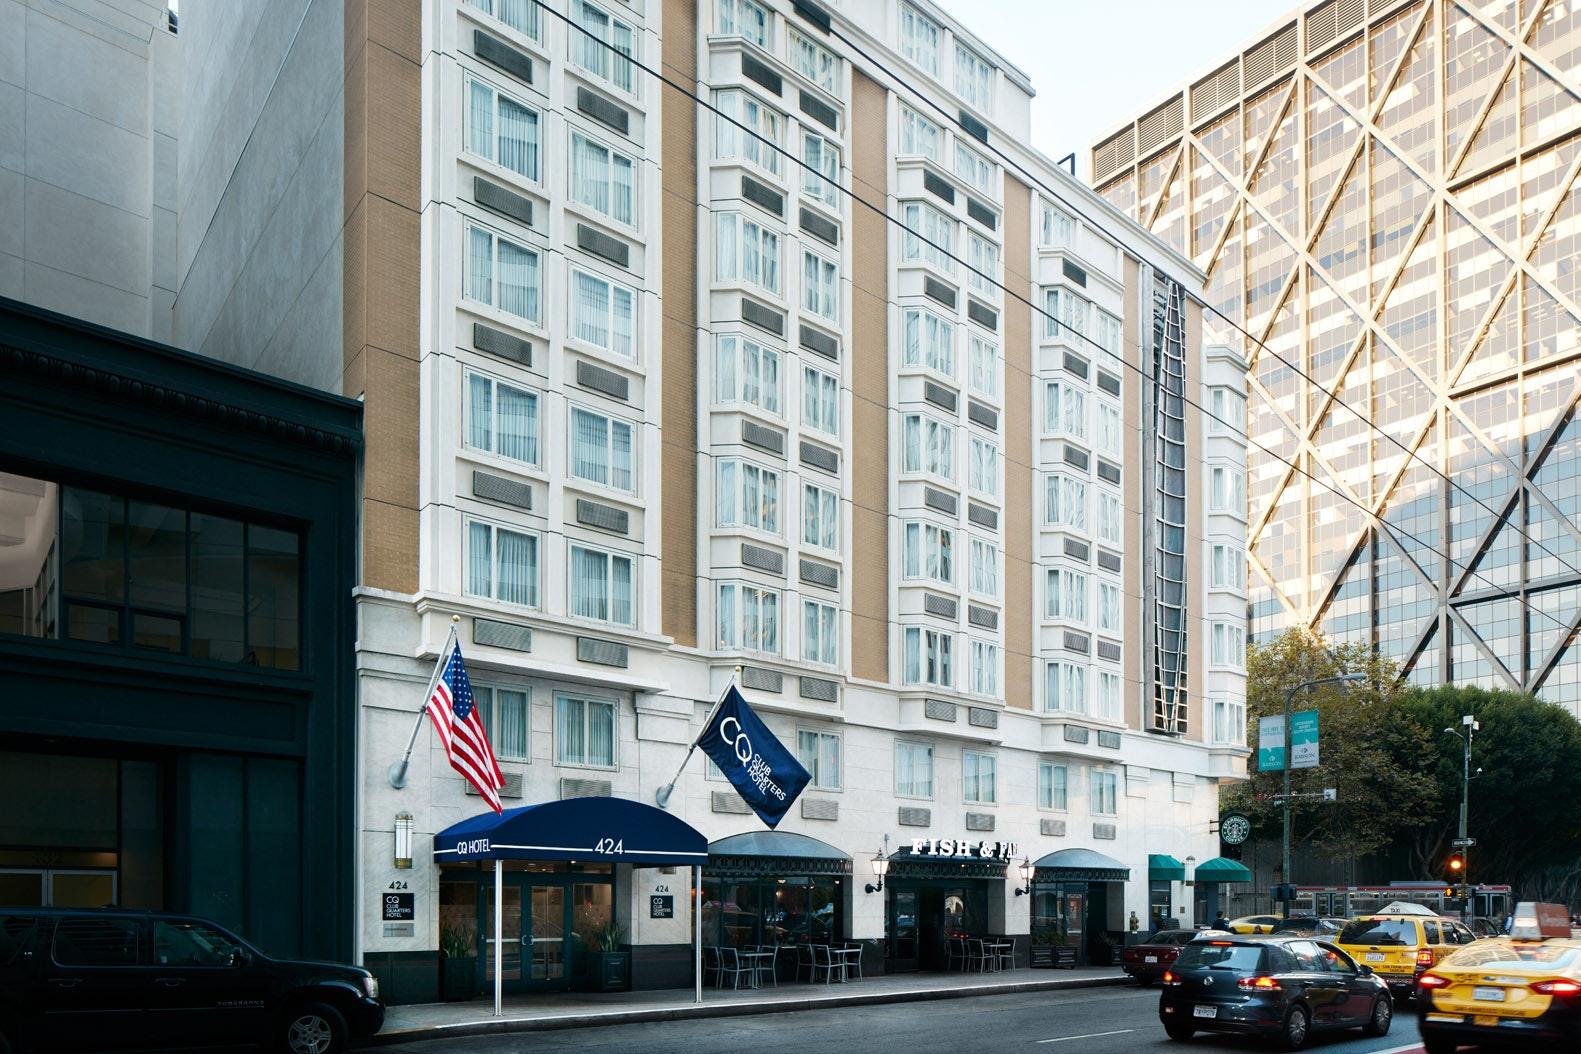 San Francisco Club Quarters Hotel in San